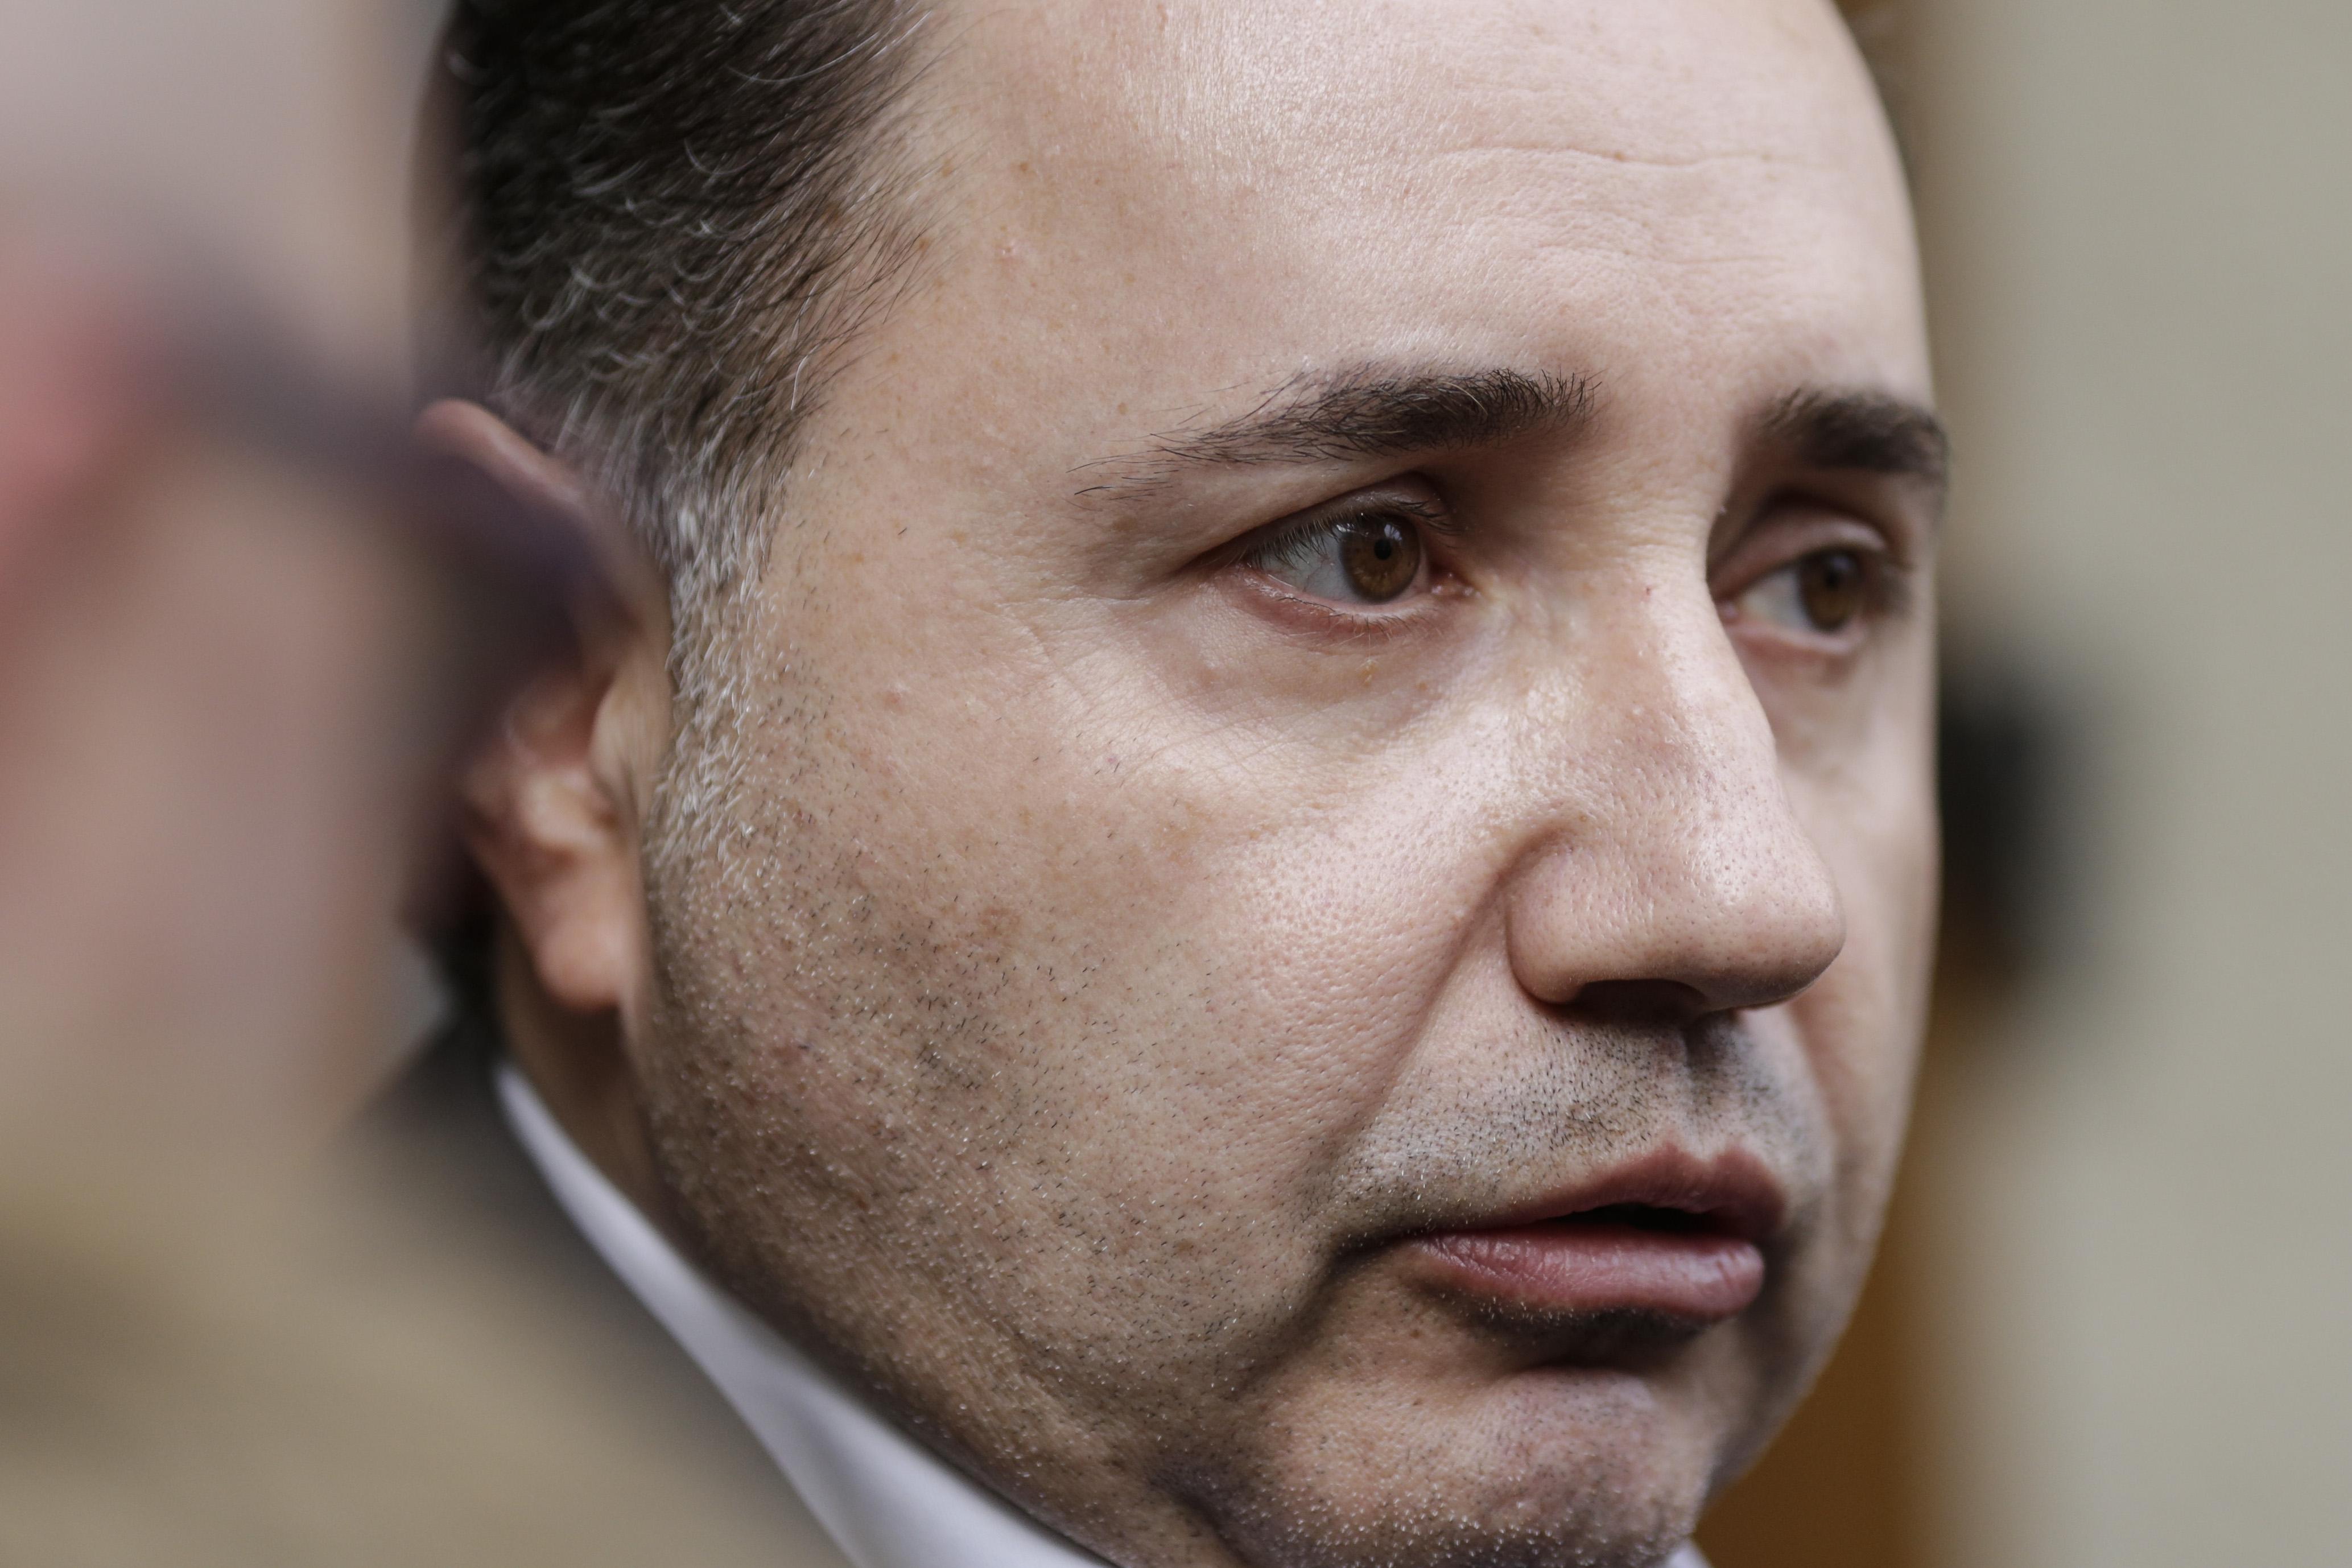 Procurorii au stabilit că fostul deputat PSD Cristian Rizea a obţinut ilegal cetăţenia R.Moldova. Riscă 1 an de închisoare